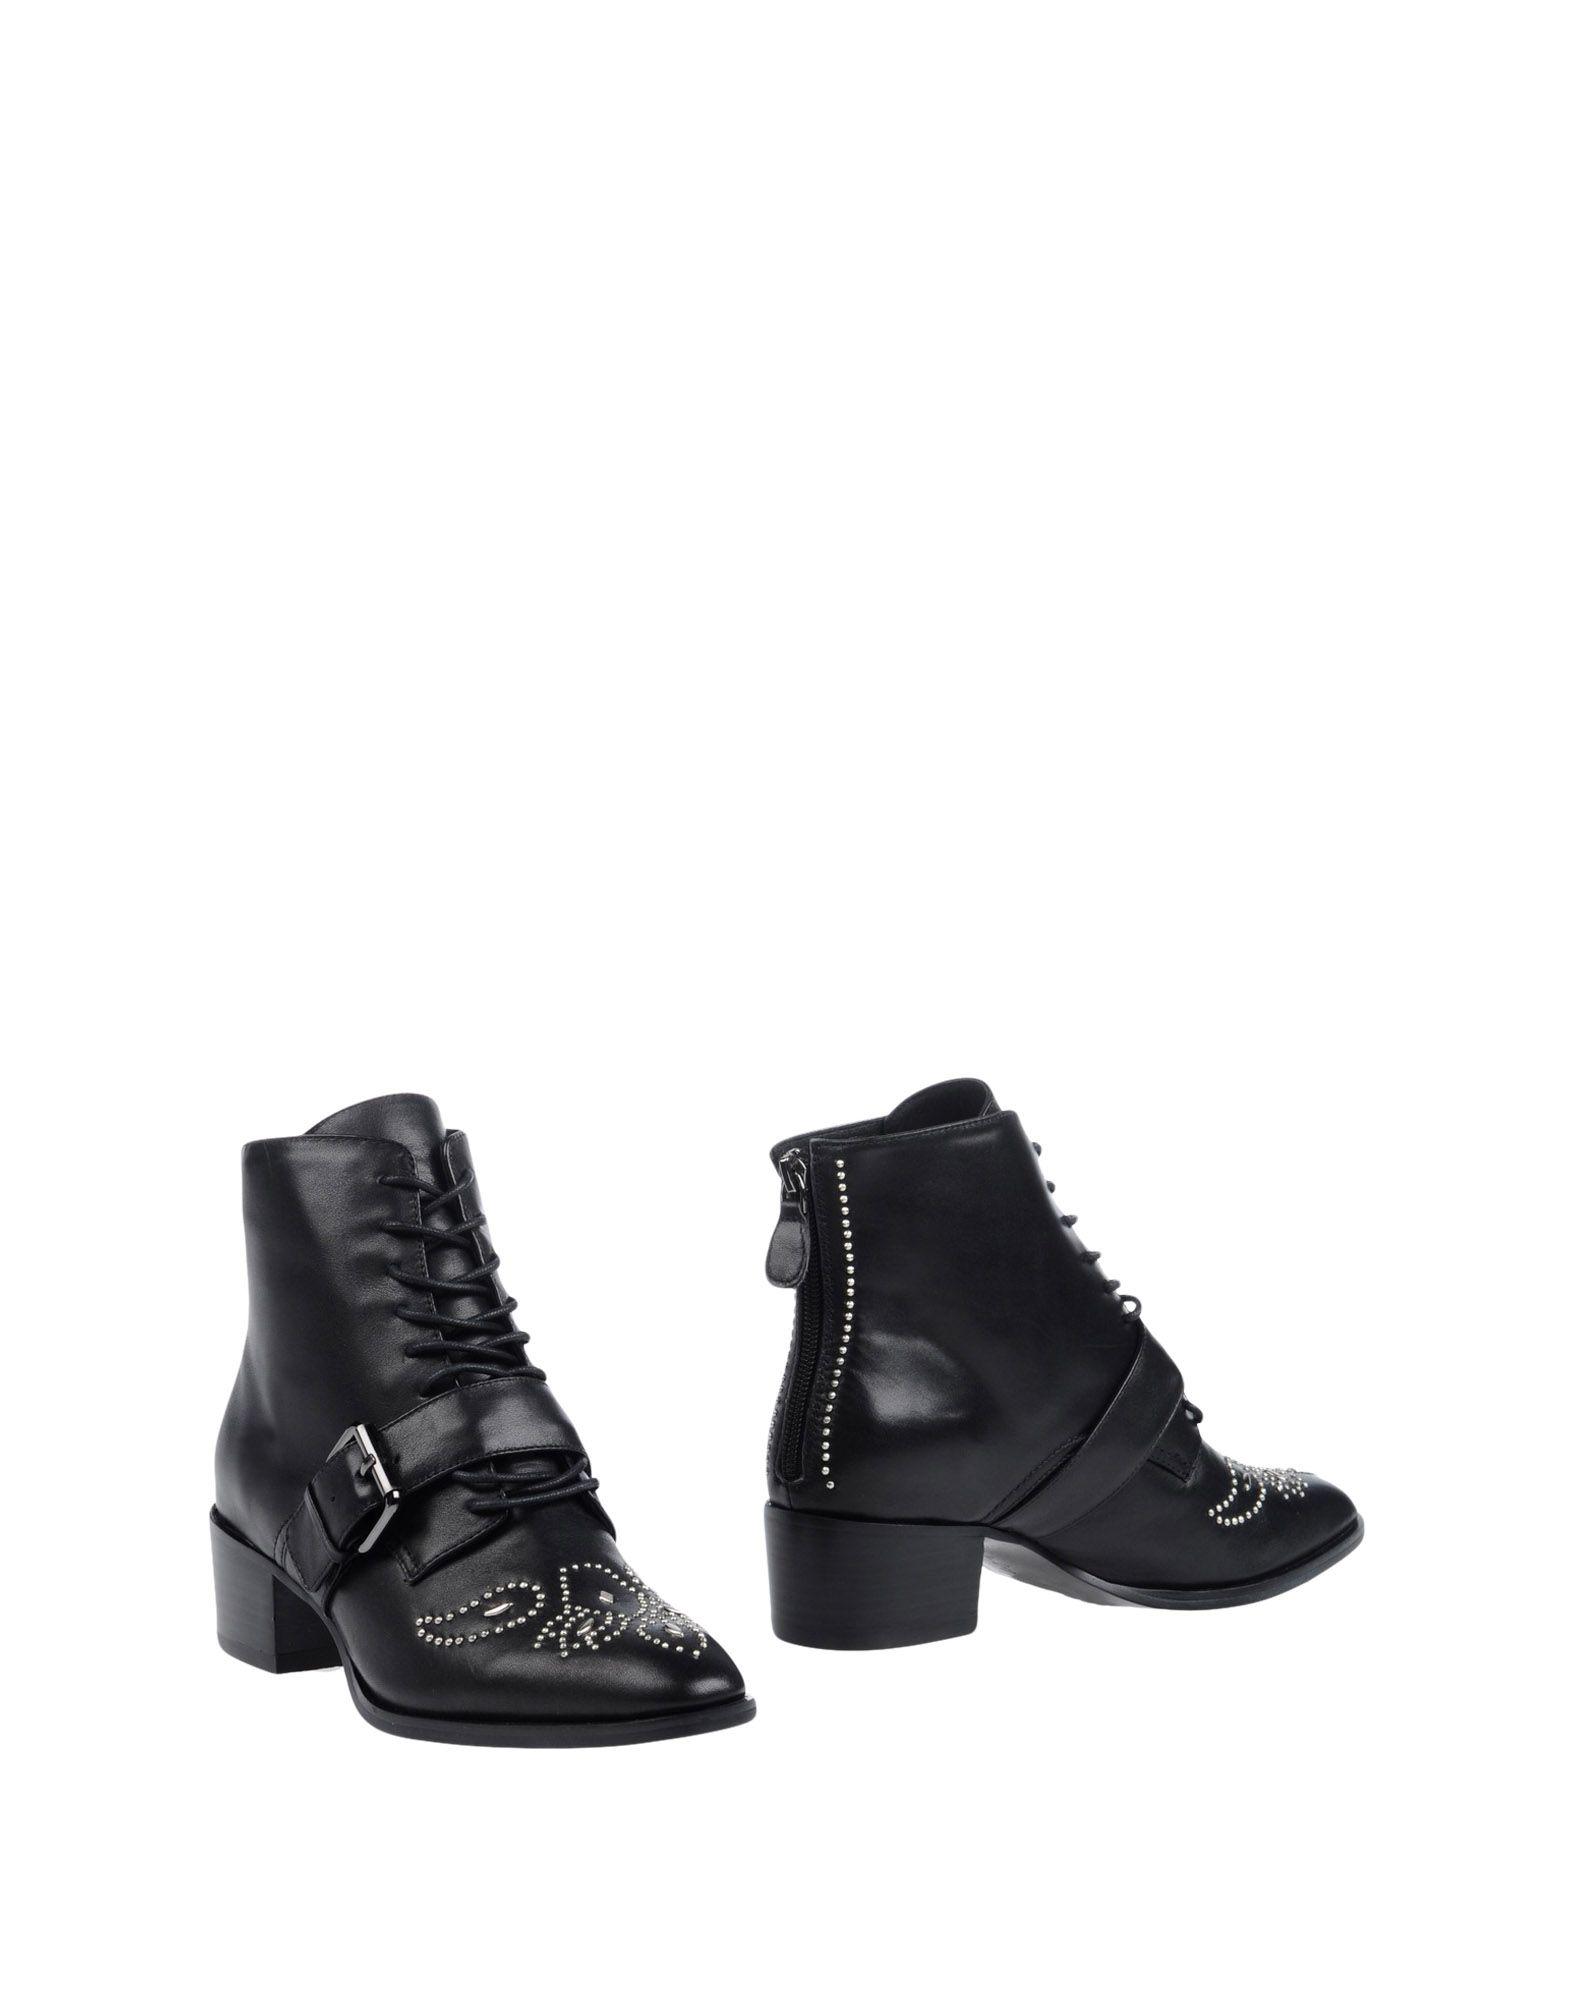 LOLA CRUZ Полусапоги и высокие ботинки босоножки lola cruz босоножки